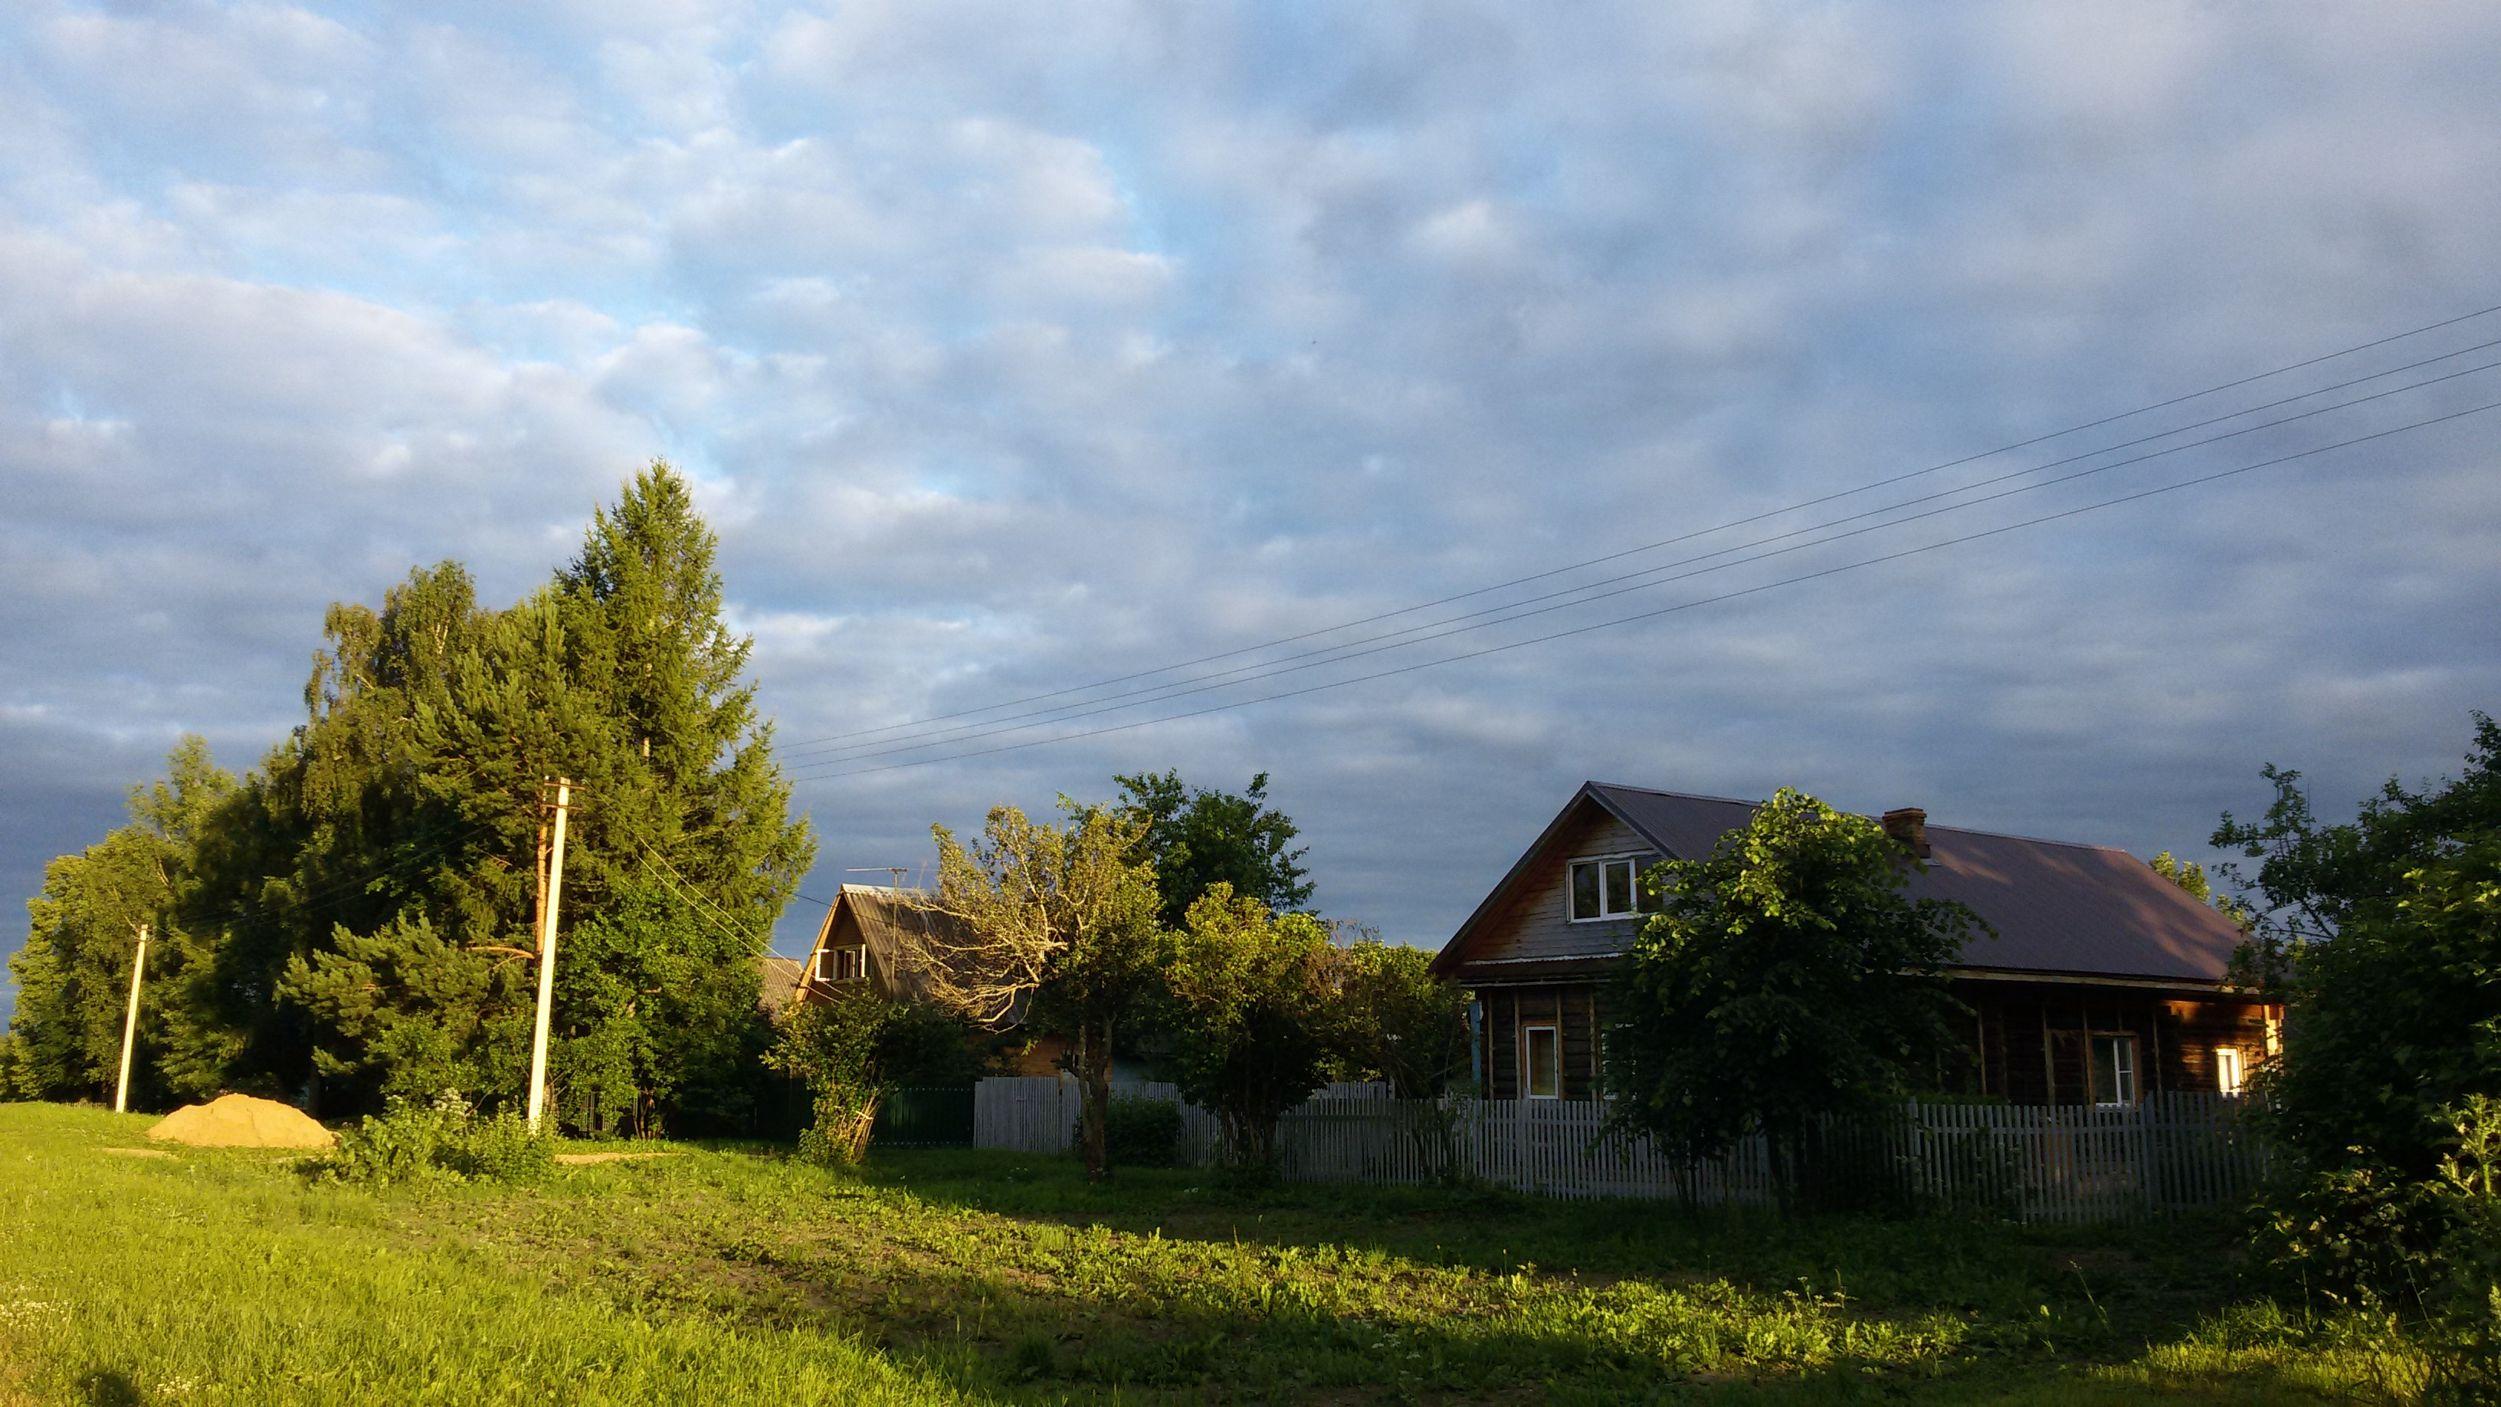 Около 60 правообладателей воспользовались правом на уточнение кадастровой стоимости объектов недвижимости